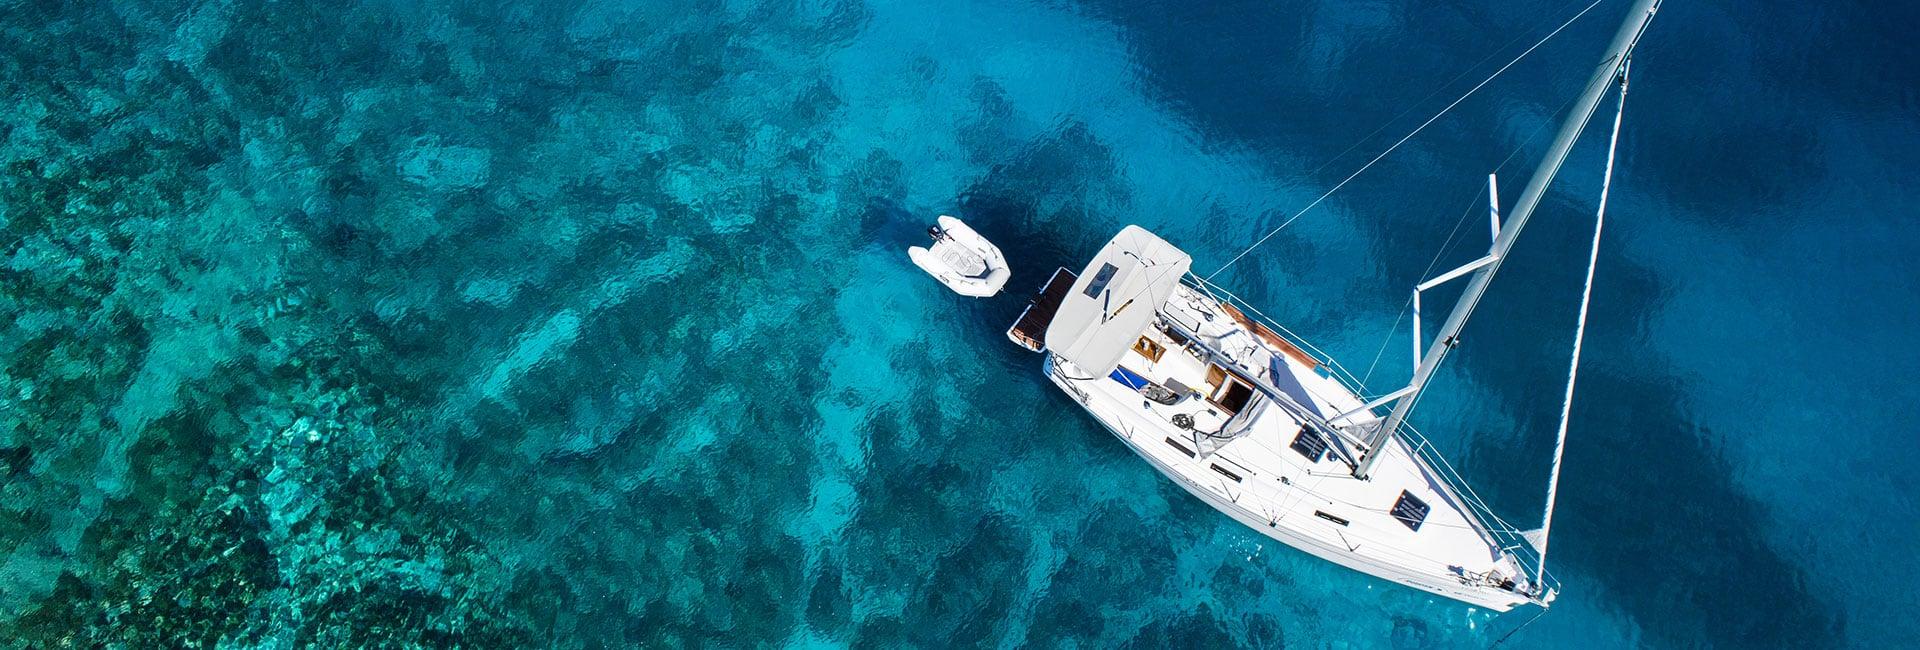 Yachtcharter-Griechenland